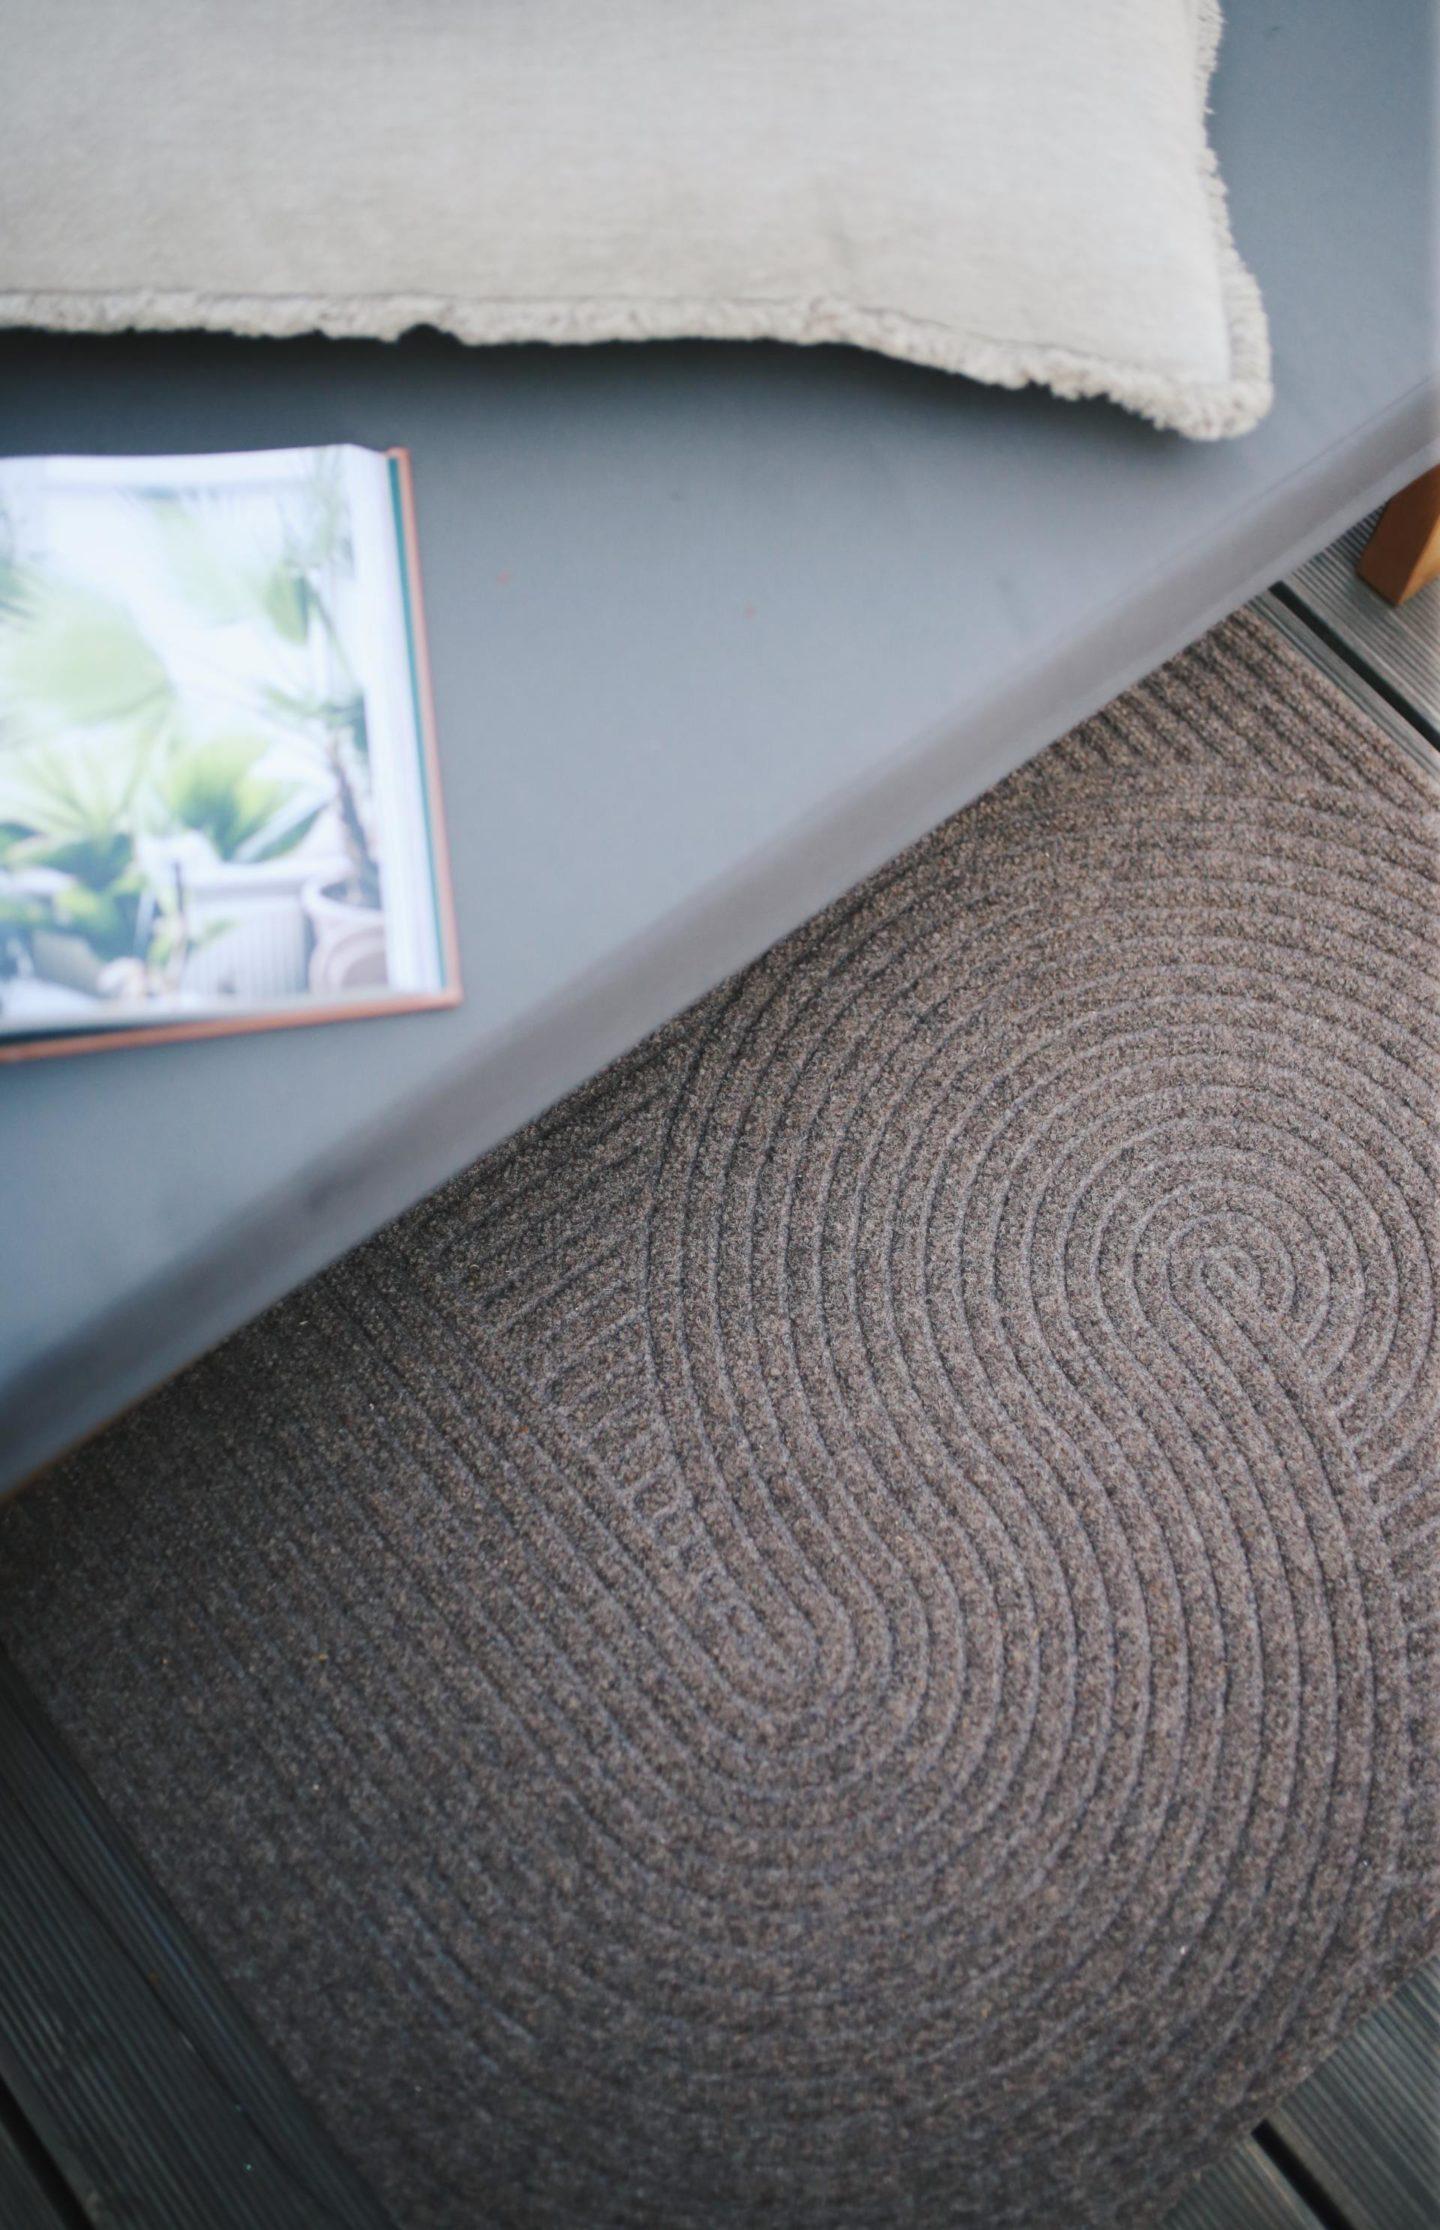 Werbung. Himmel ist das lecker! Unser Lieblingsplatz auf unserer Terrasse & das Rezept für eine moderne Charcuterie-Platte. Der Pinterest Trend 2021. Und unsere Sand Fußmatte von Heymat, beruhigend schönes Zen Feeling im norwegischen Design.